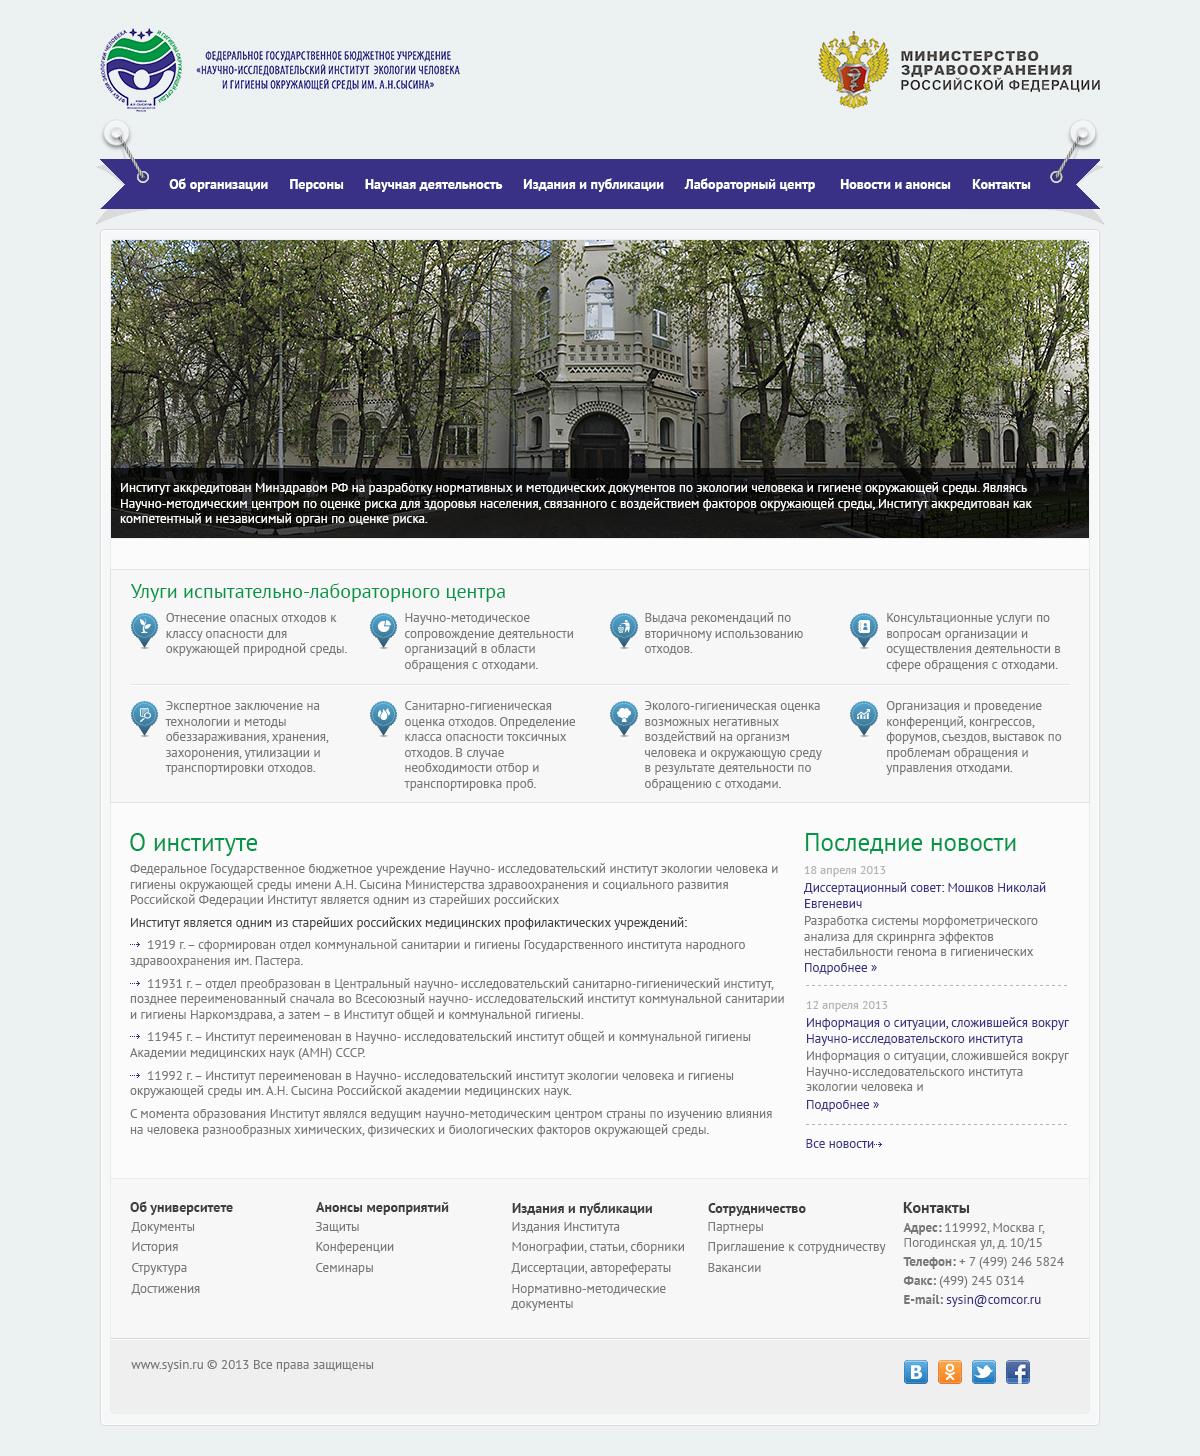 Редизайн сайта научно-исследовательского института фото f_577514ed9ec232bb.jpg